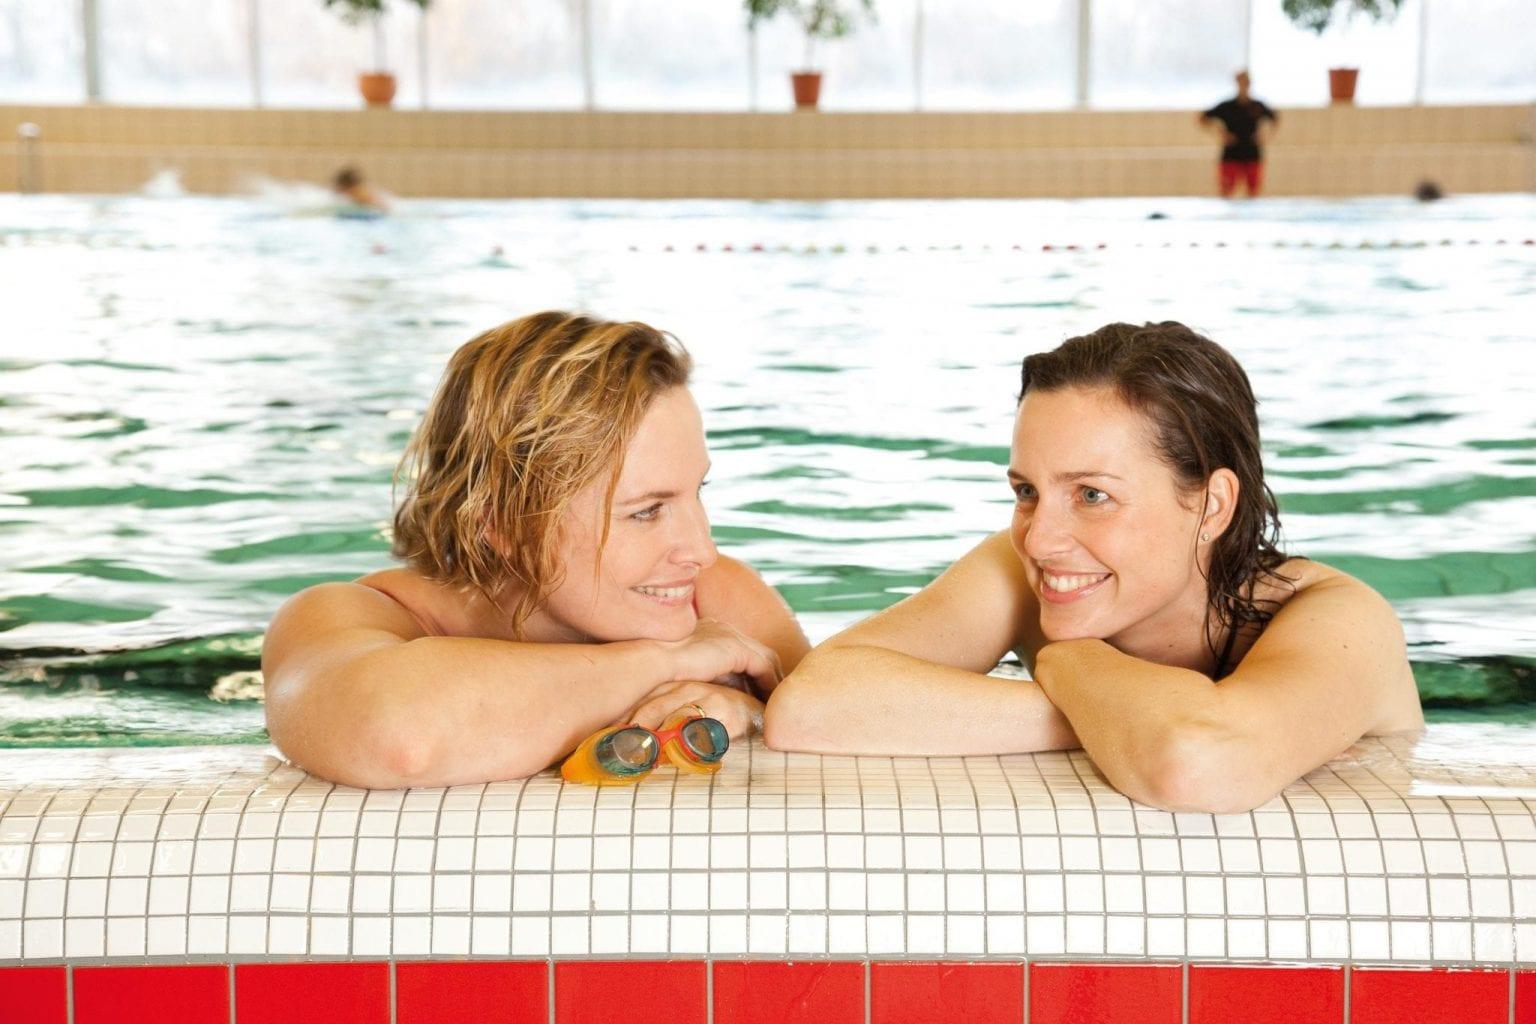 Zwemmen is gezond en maakt je lichaam blij